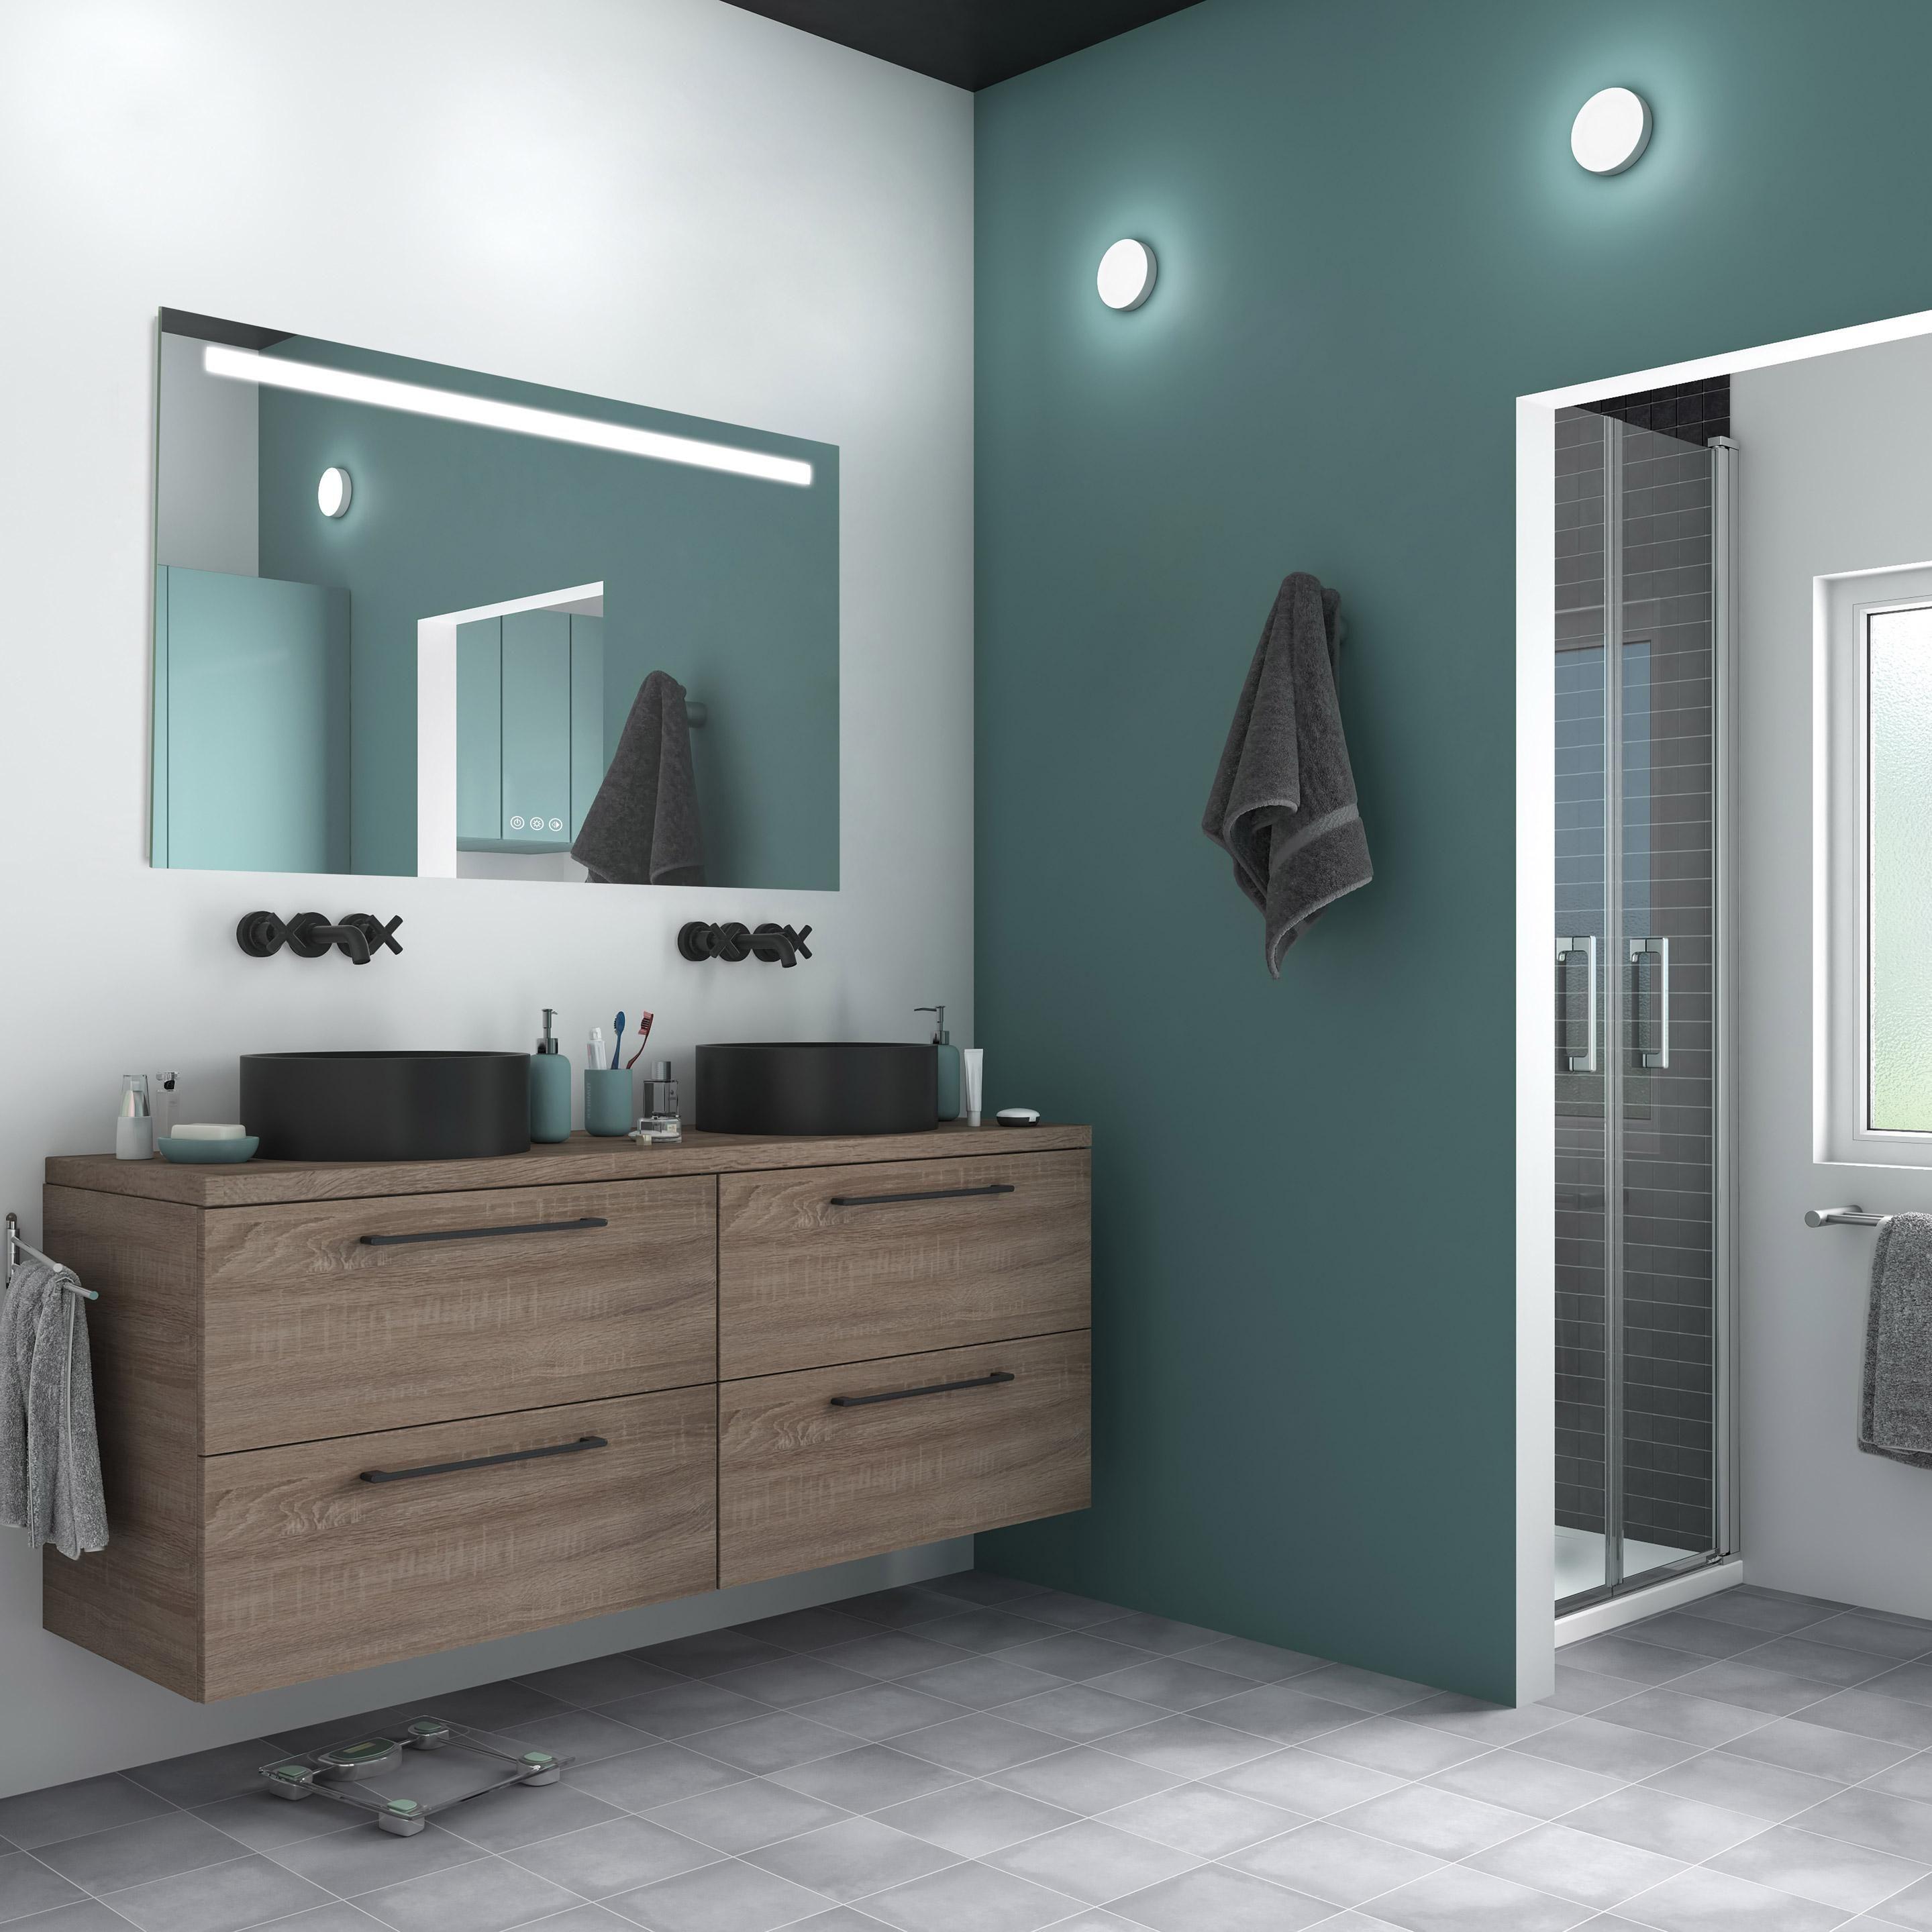 Miroir Lumineux Avec Eclairage Integre L 120 X H 70 Cm Remix Sensea Miroir Lumineux Miroir Lumineux Salle De Bains Et Miroir